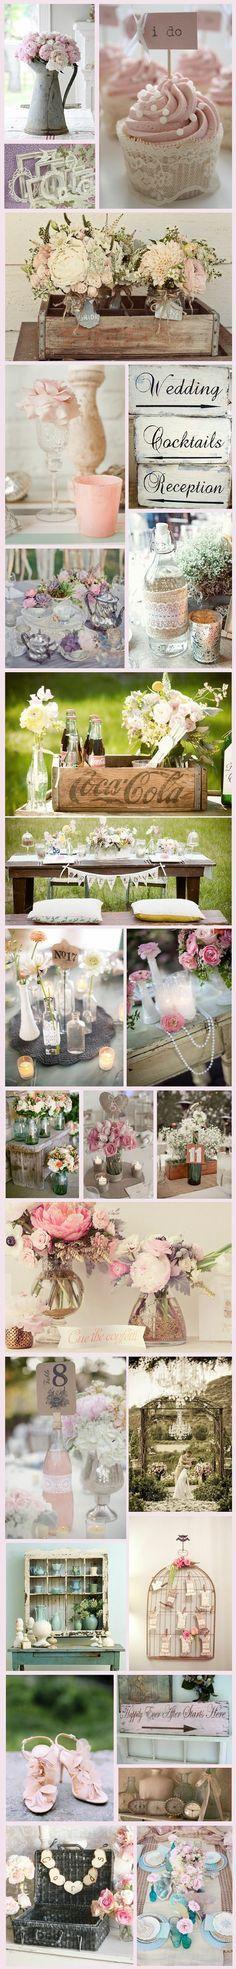 Hochzeitsdekoration Vintage und Shabby-Chic Inspiration mit Spitze, Jute und Holzkisten